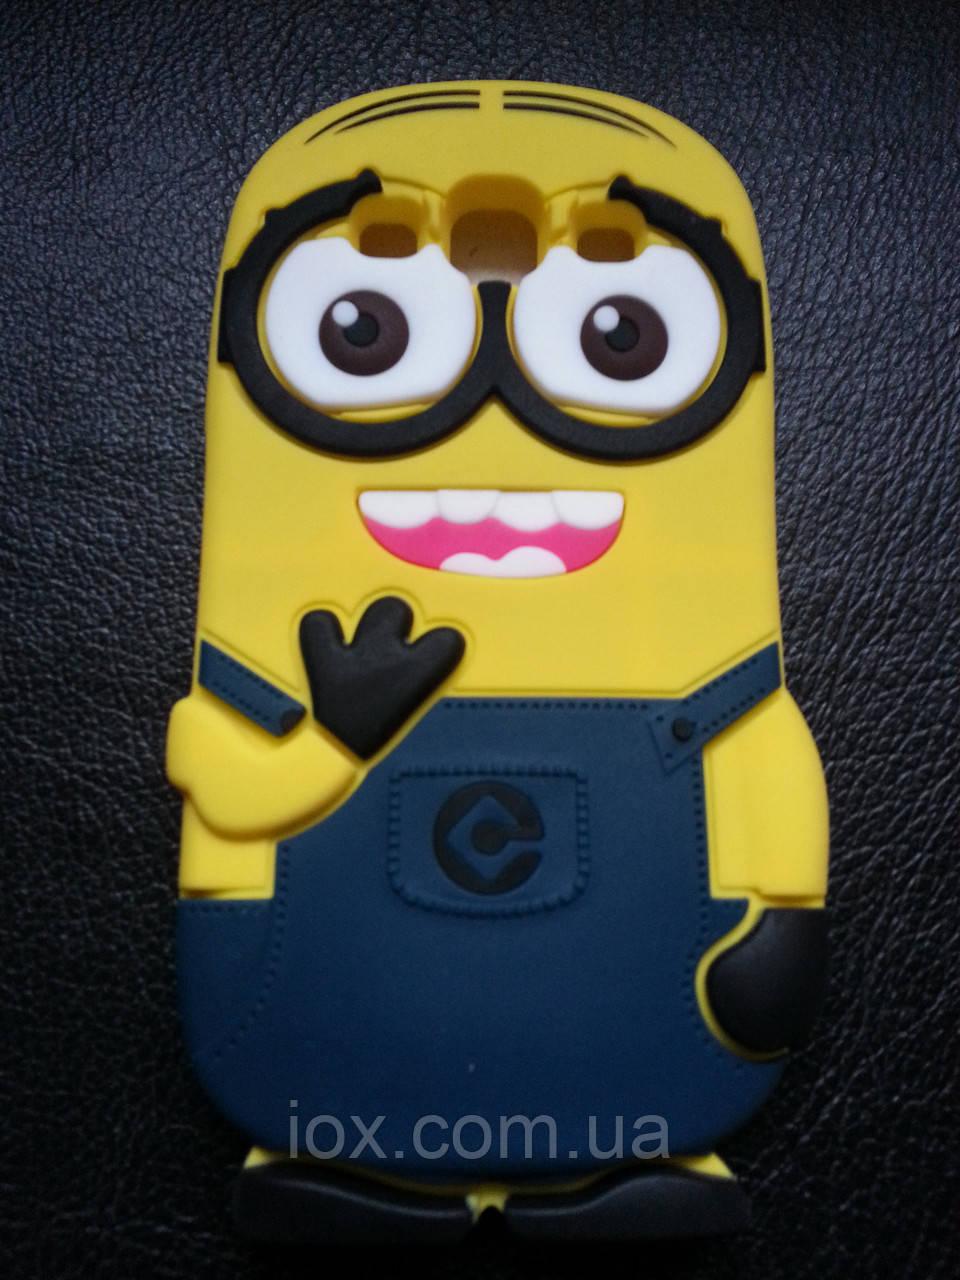 Силиконовый чехол Миньон на Samsung Galaxy S3 i9300, фото 1